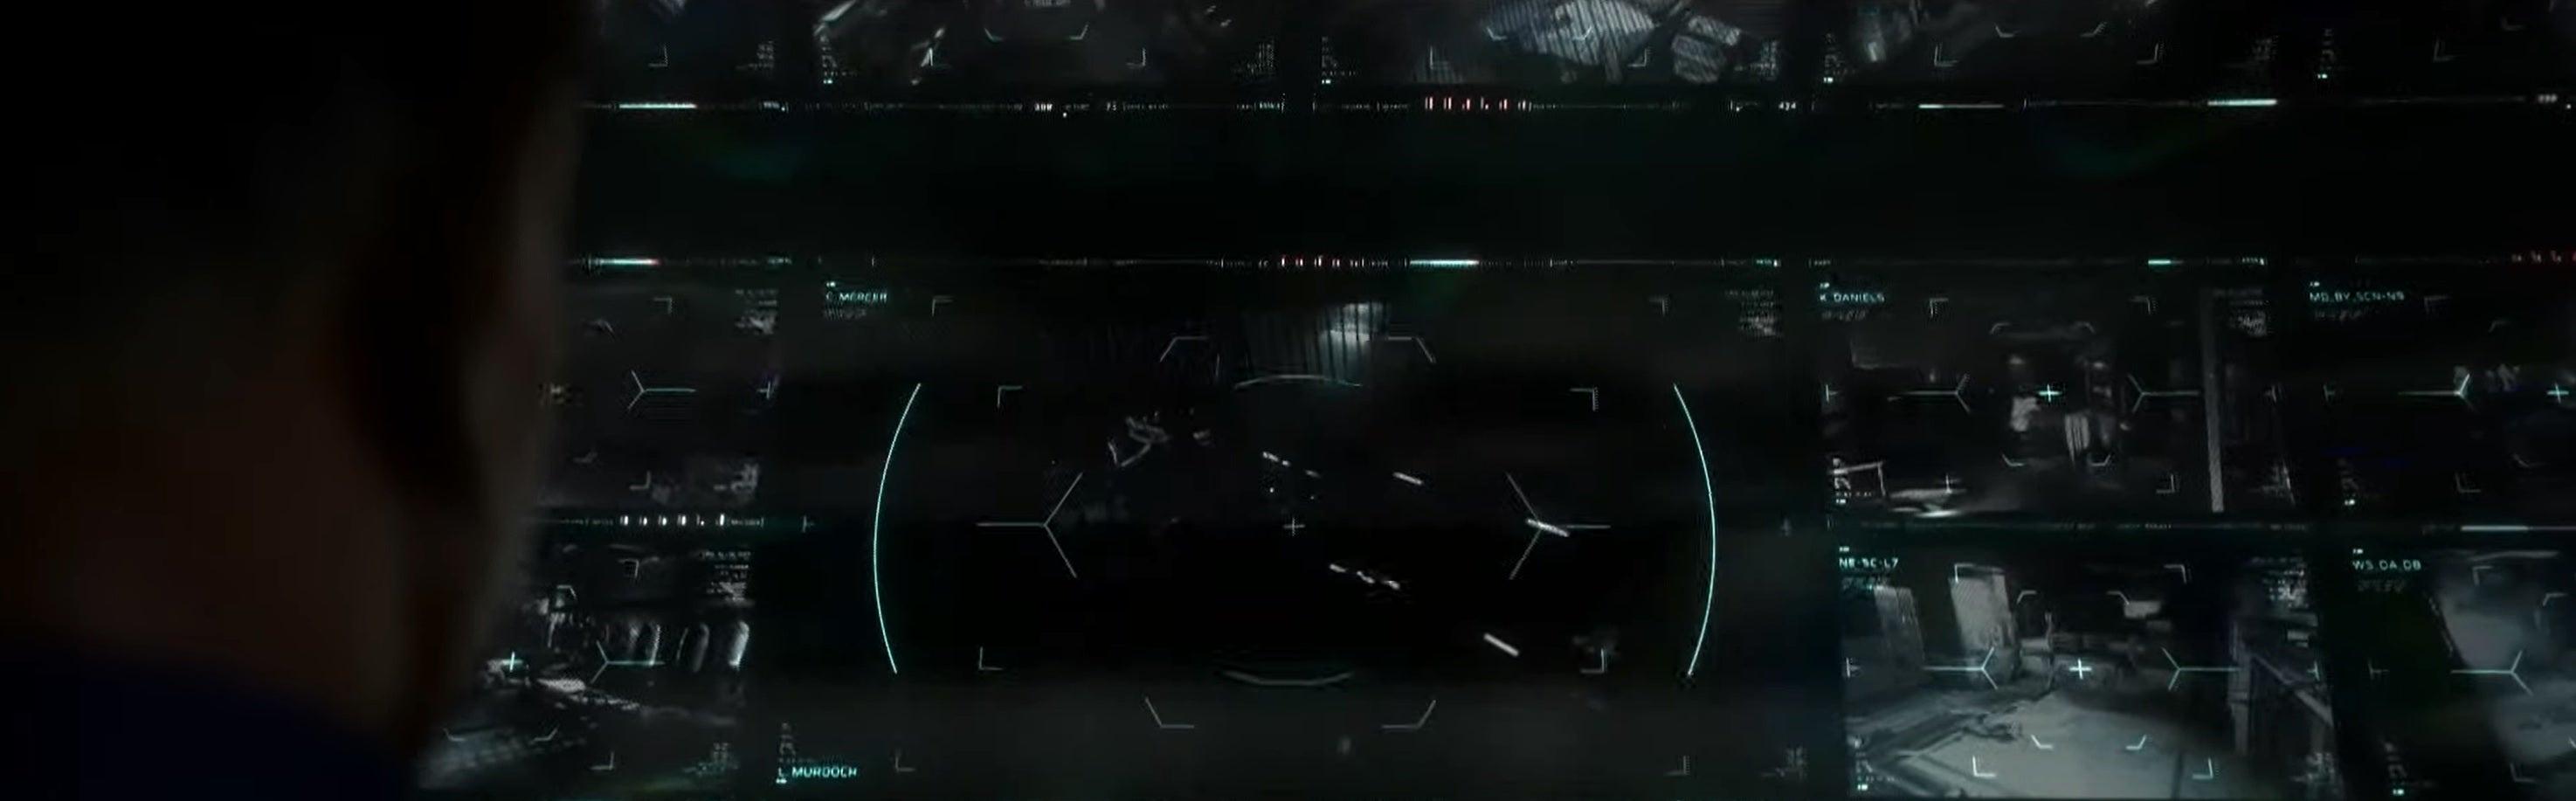 《The Callisto Protocol》制作人:设置在PUBG宇宙,想做最吓人的游戏